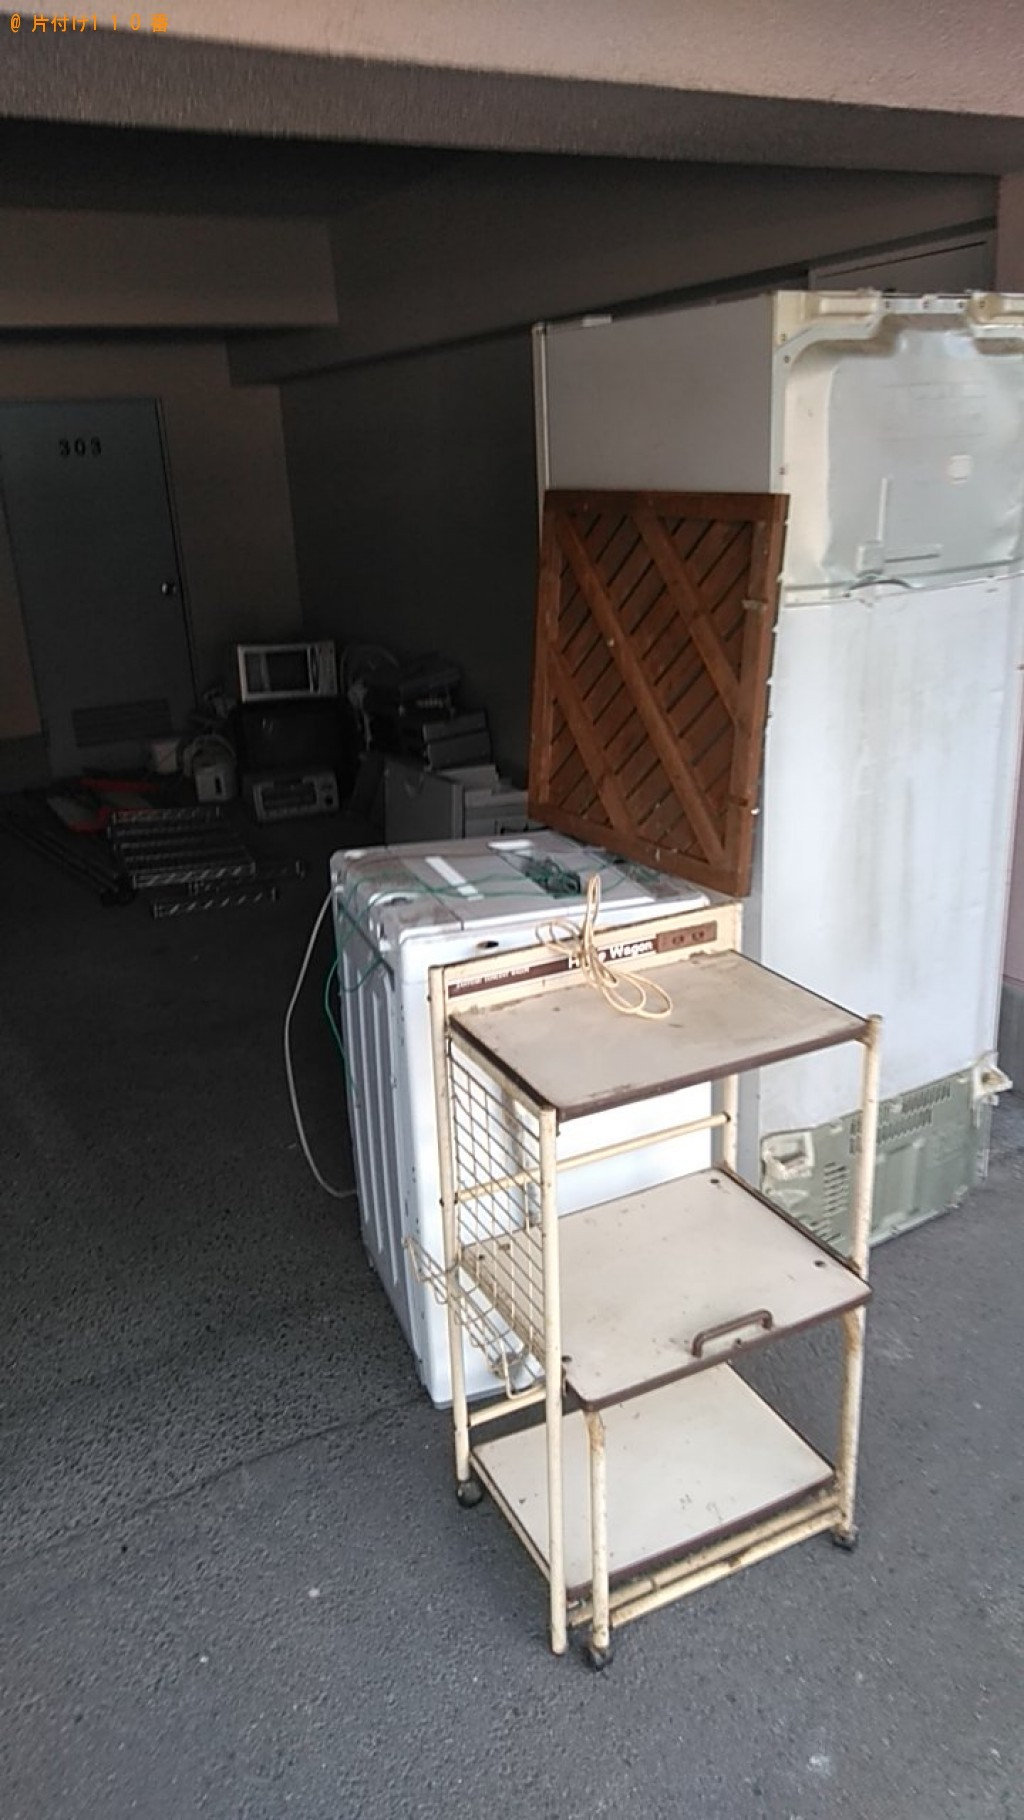 【越智郡上島町】テレビ、エアコン、洗濯機、炊飯器等の回収・処分